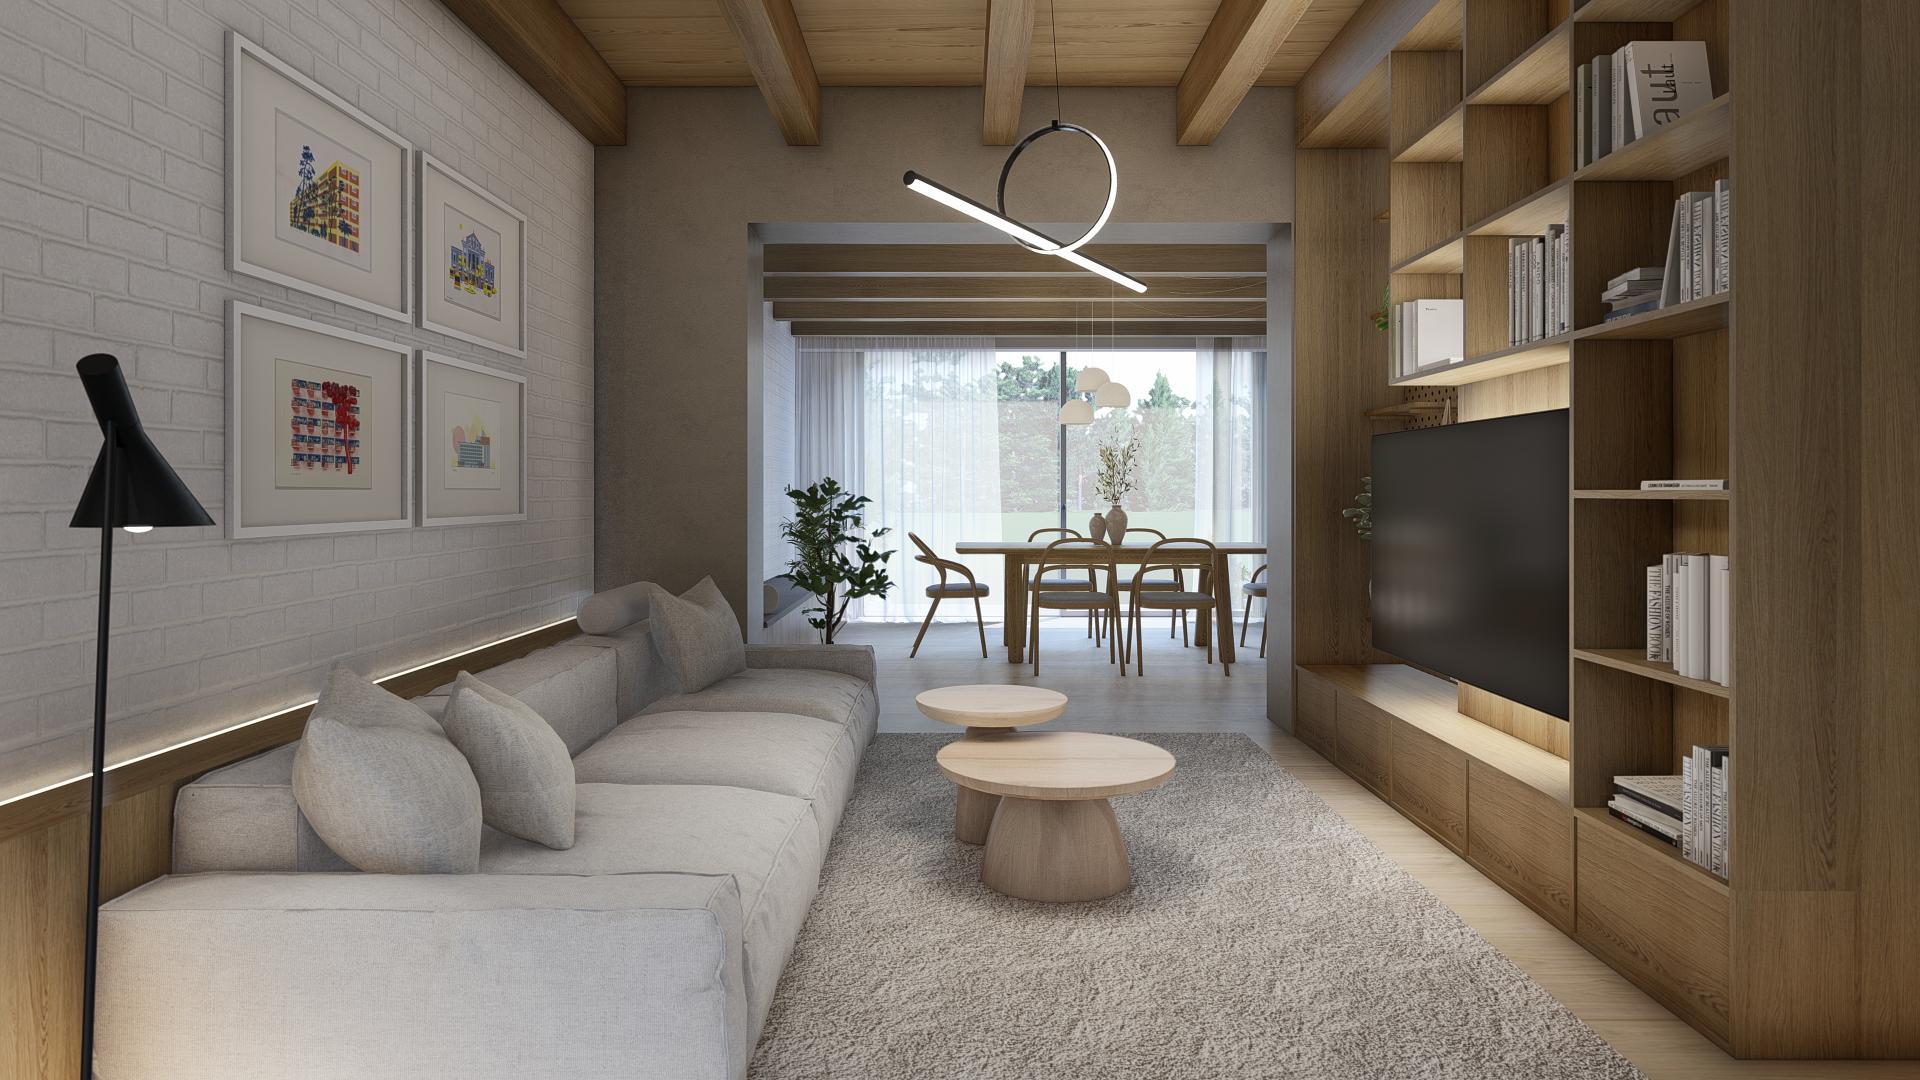 Ľudová štvrť - rekonštrukcia domu s návrhom interiéru